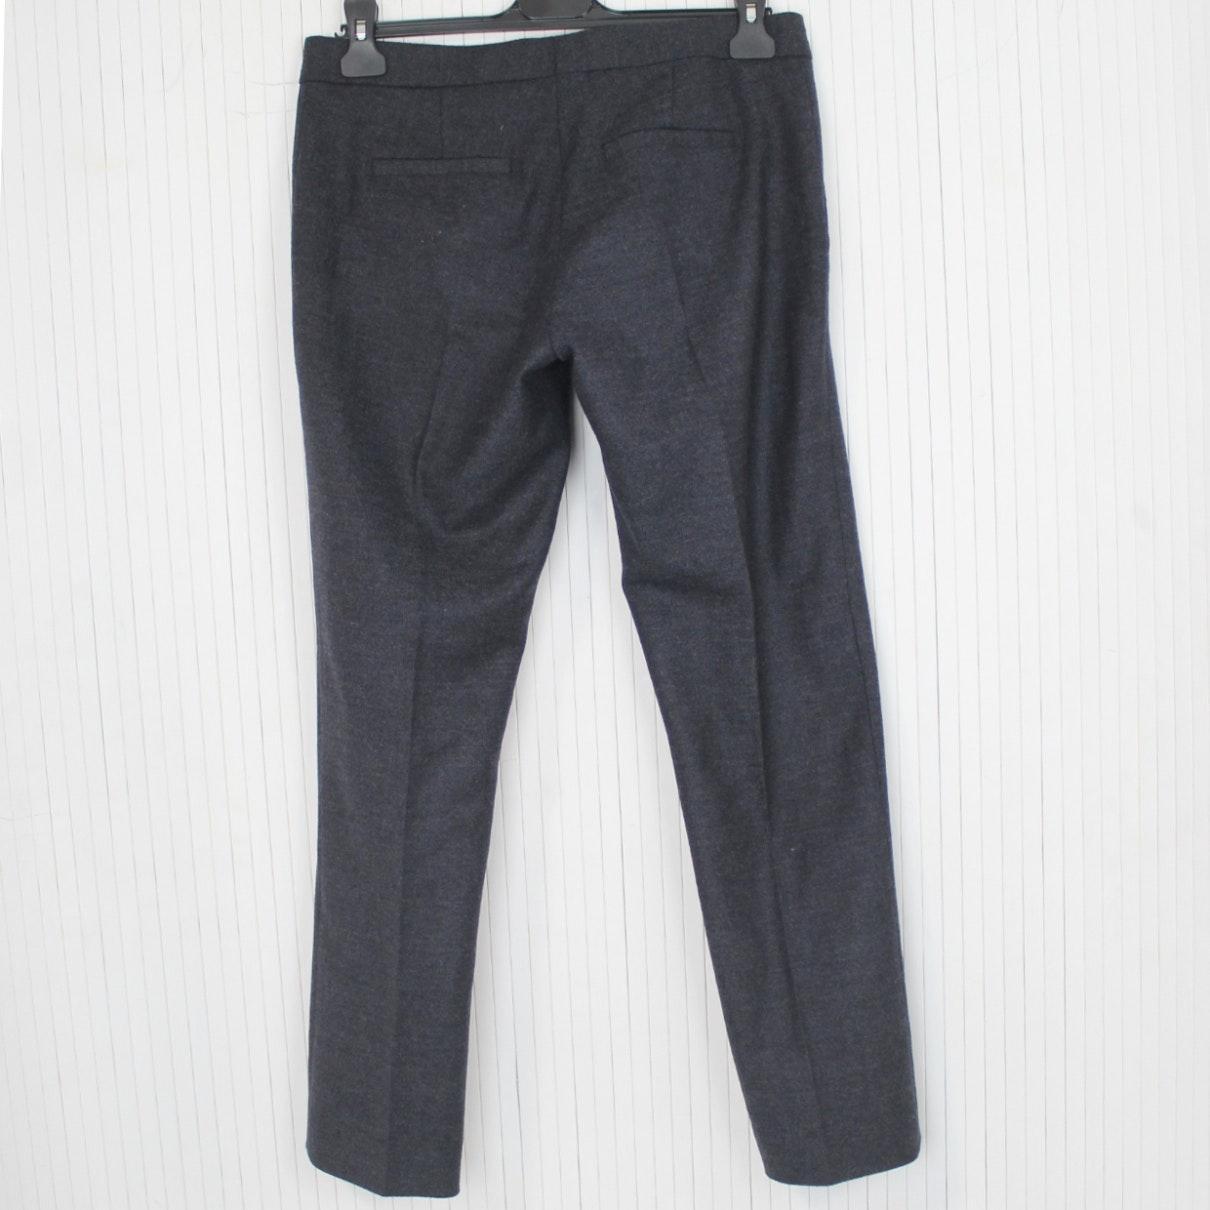 Pantalones en lana gris N JOSEPH de Lana de color Gris